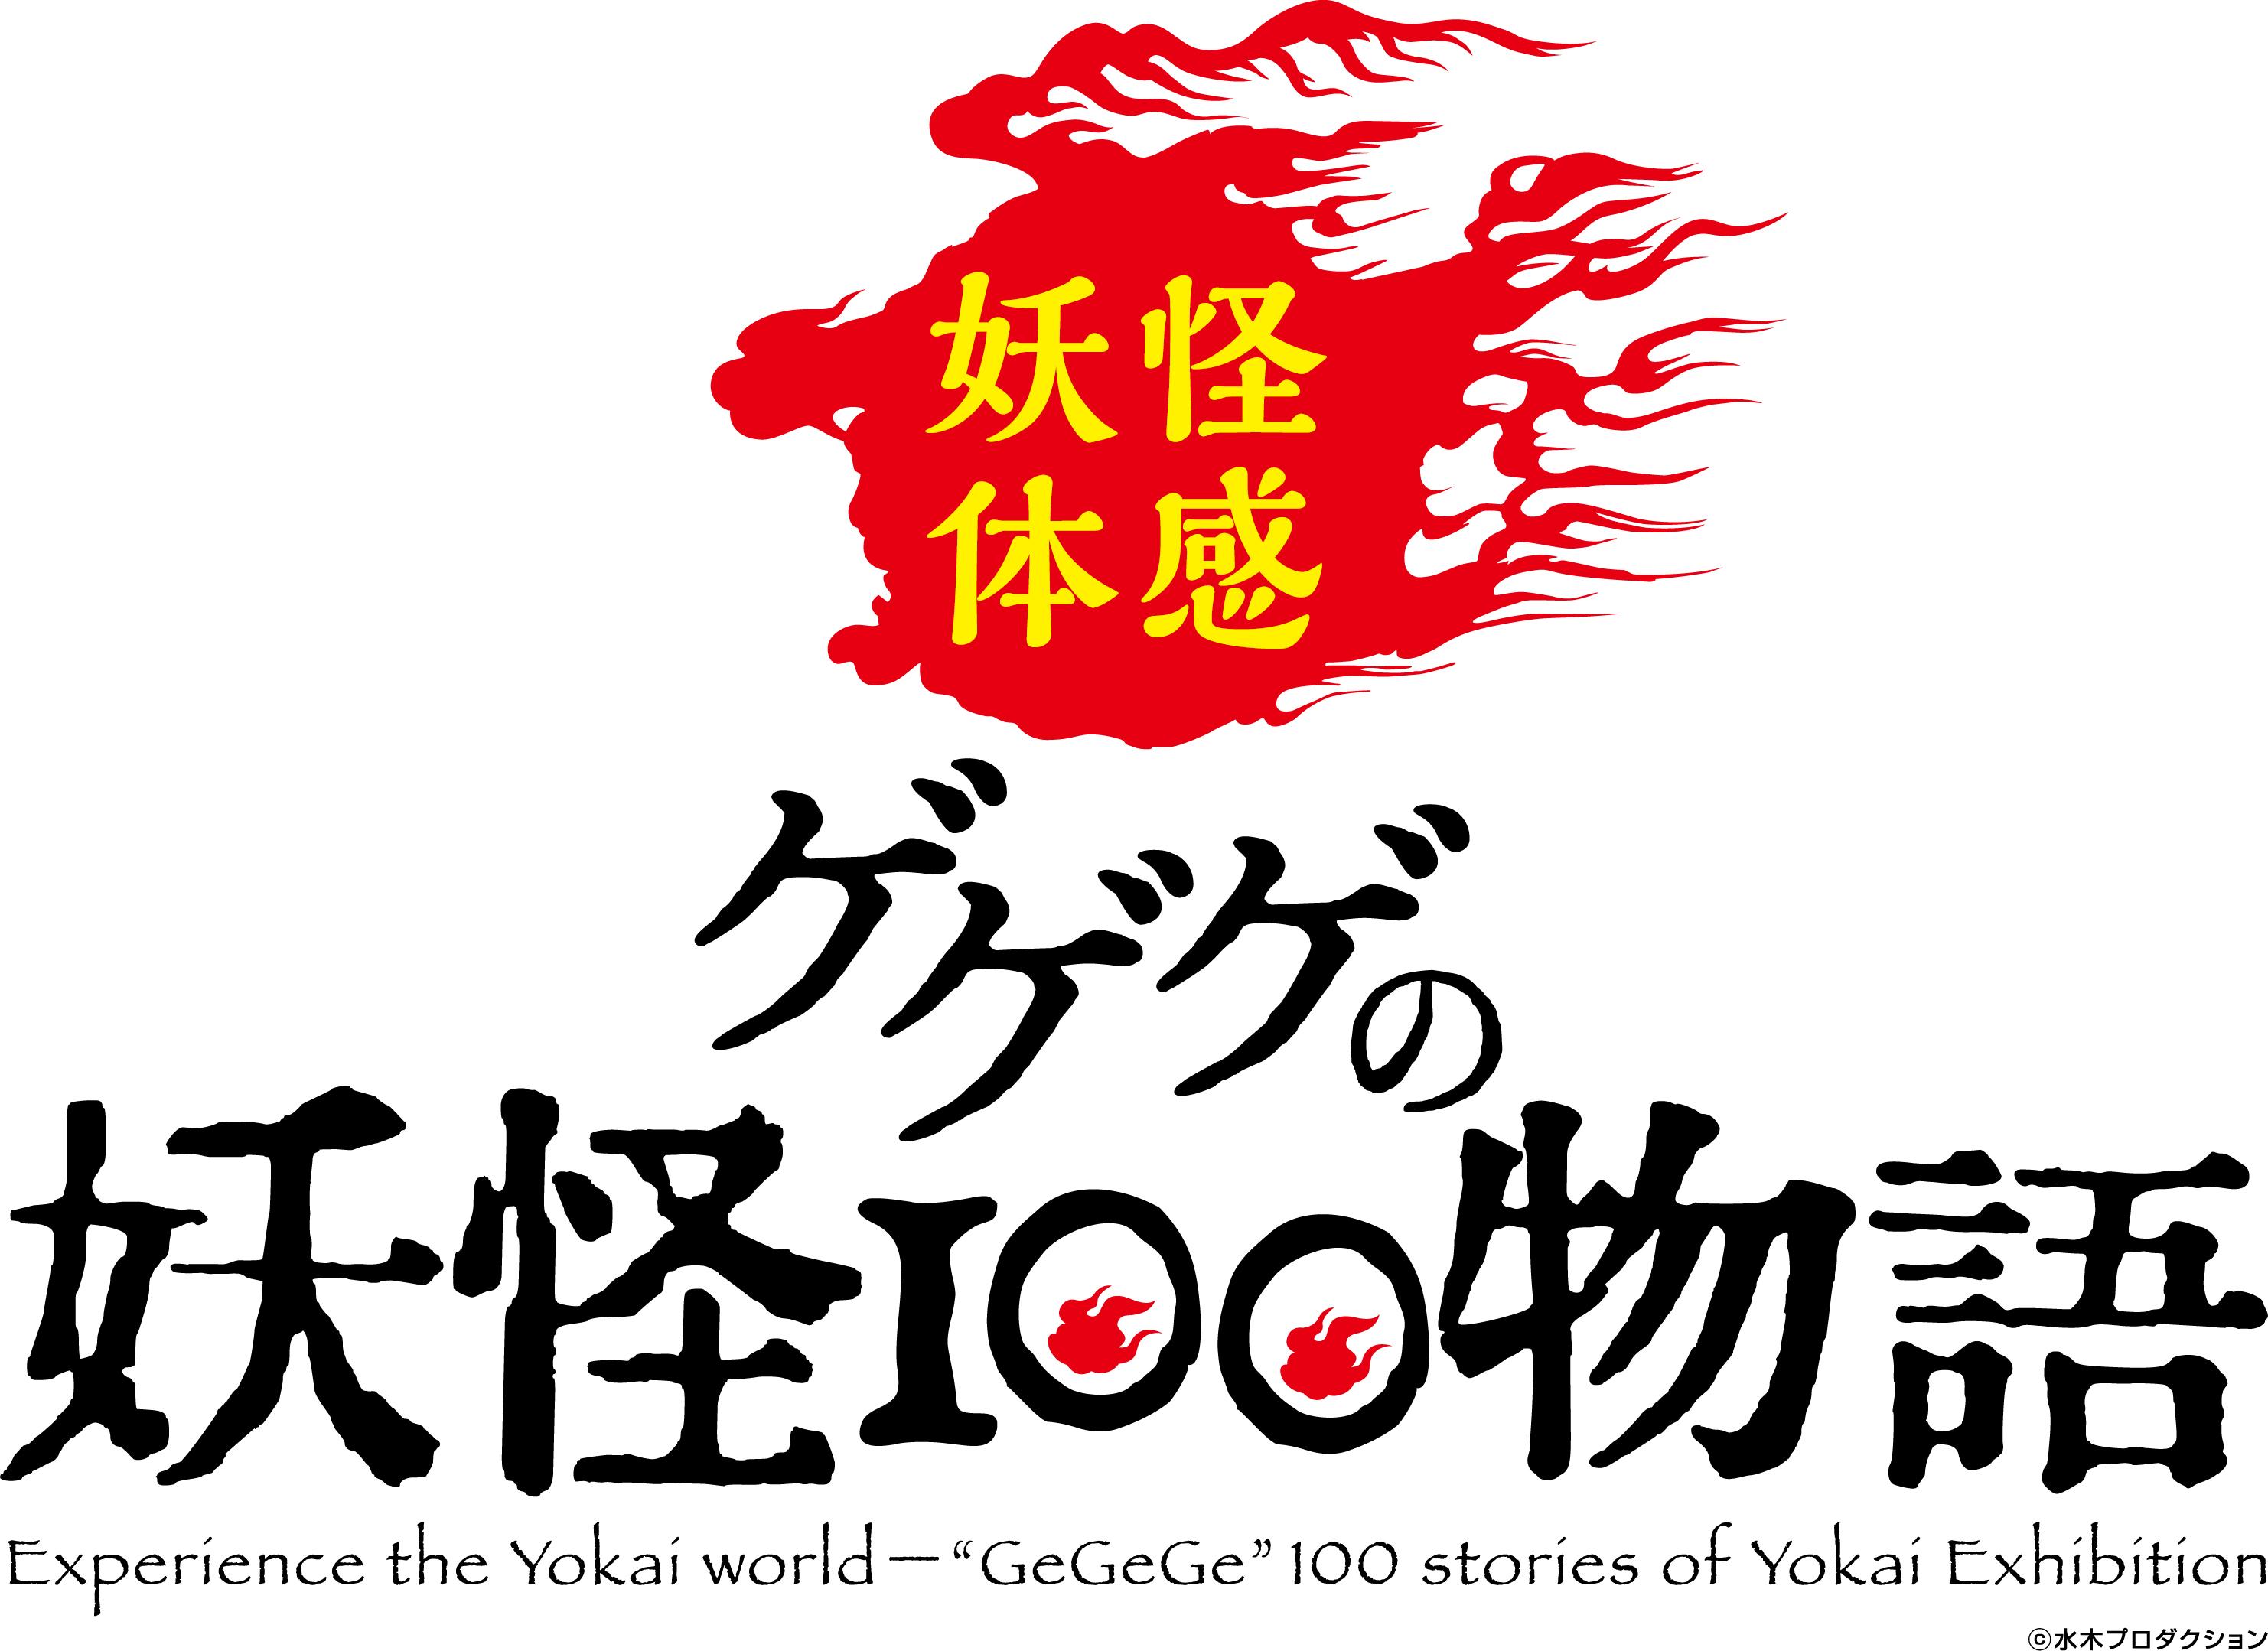 『ゲゲゲの妖怪100 物語』ロゴ (C)水木プロダクション